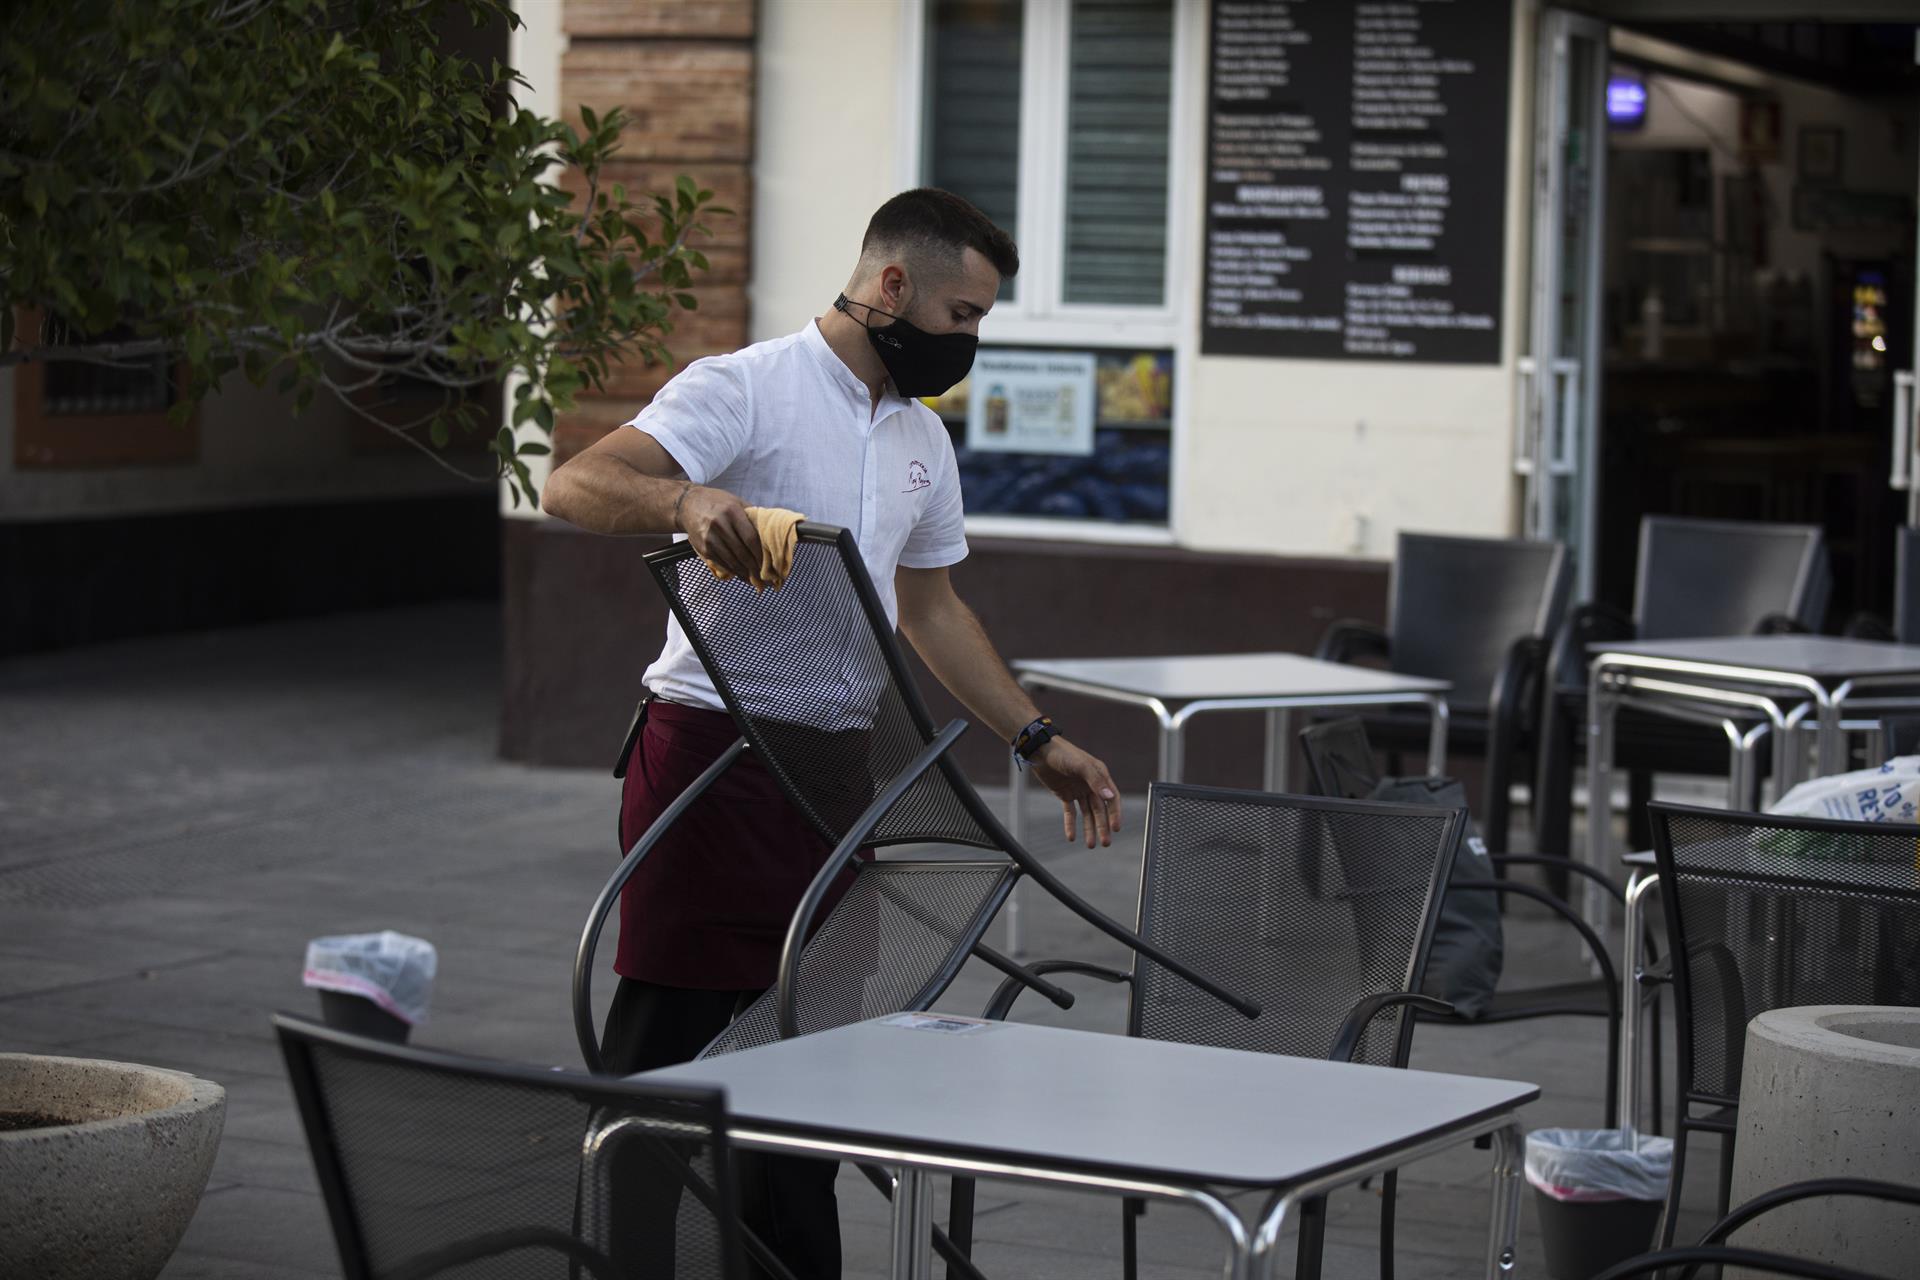 El paro desciende en 32.102 personas en agosto en Andalucía y se sitúa en 796.394 desempleados